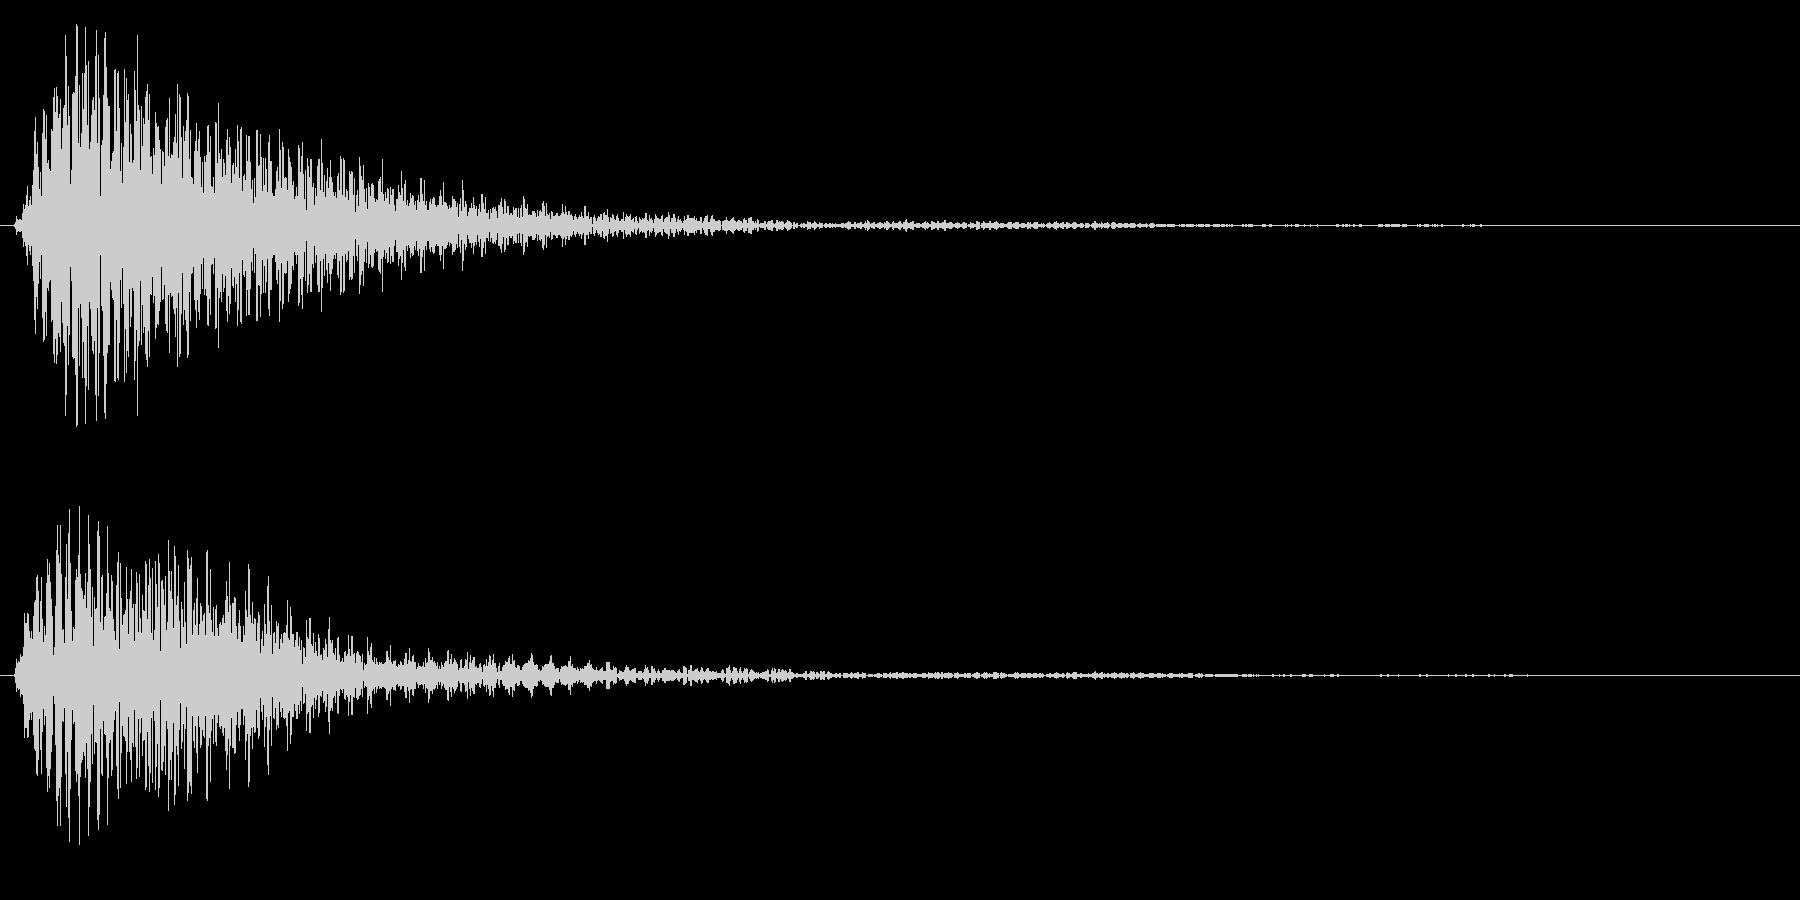 タッチ音/ポン/木琴の未再生の波形